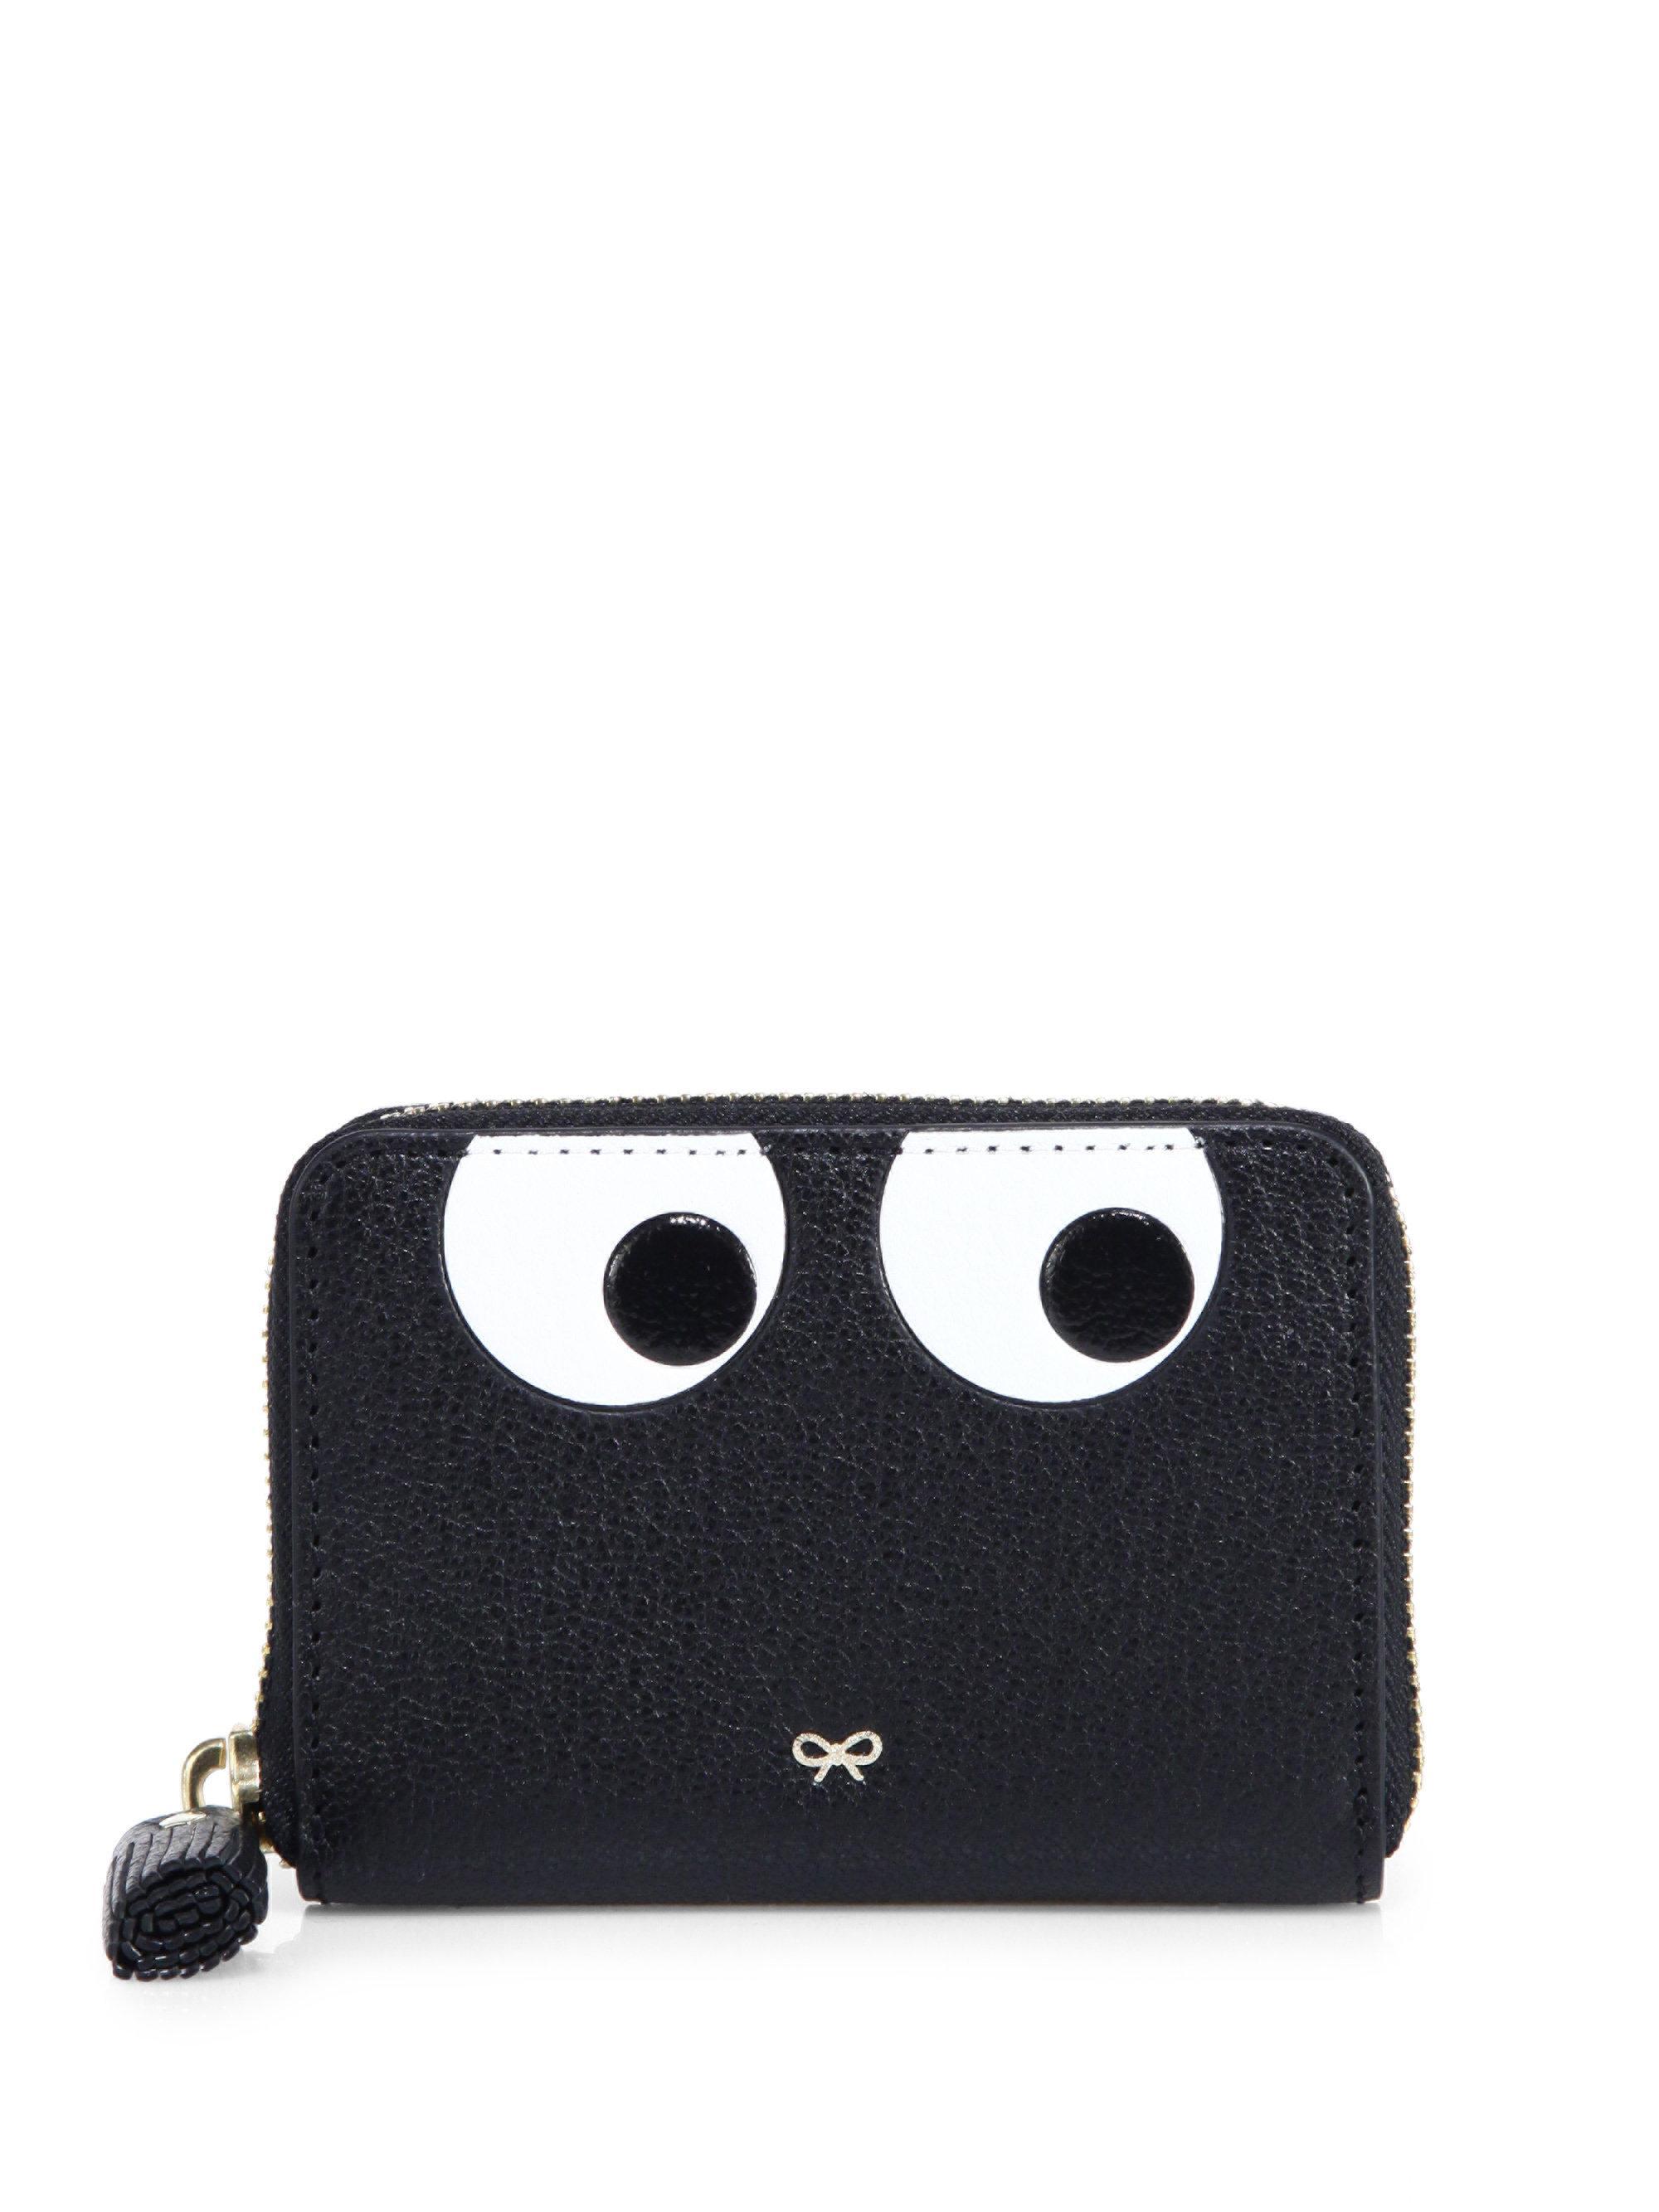 Black Large Eyes Zip Around Wallet Anya Hindmarch 8ELRbLrjy